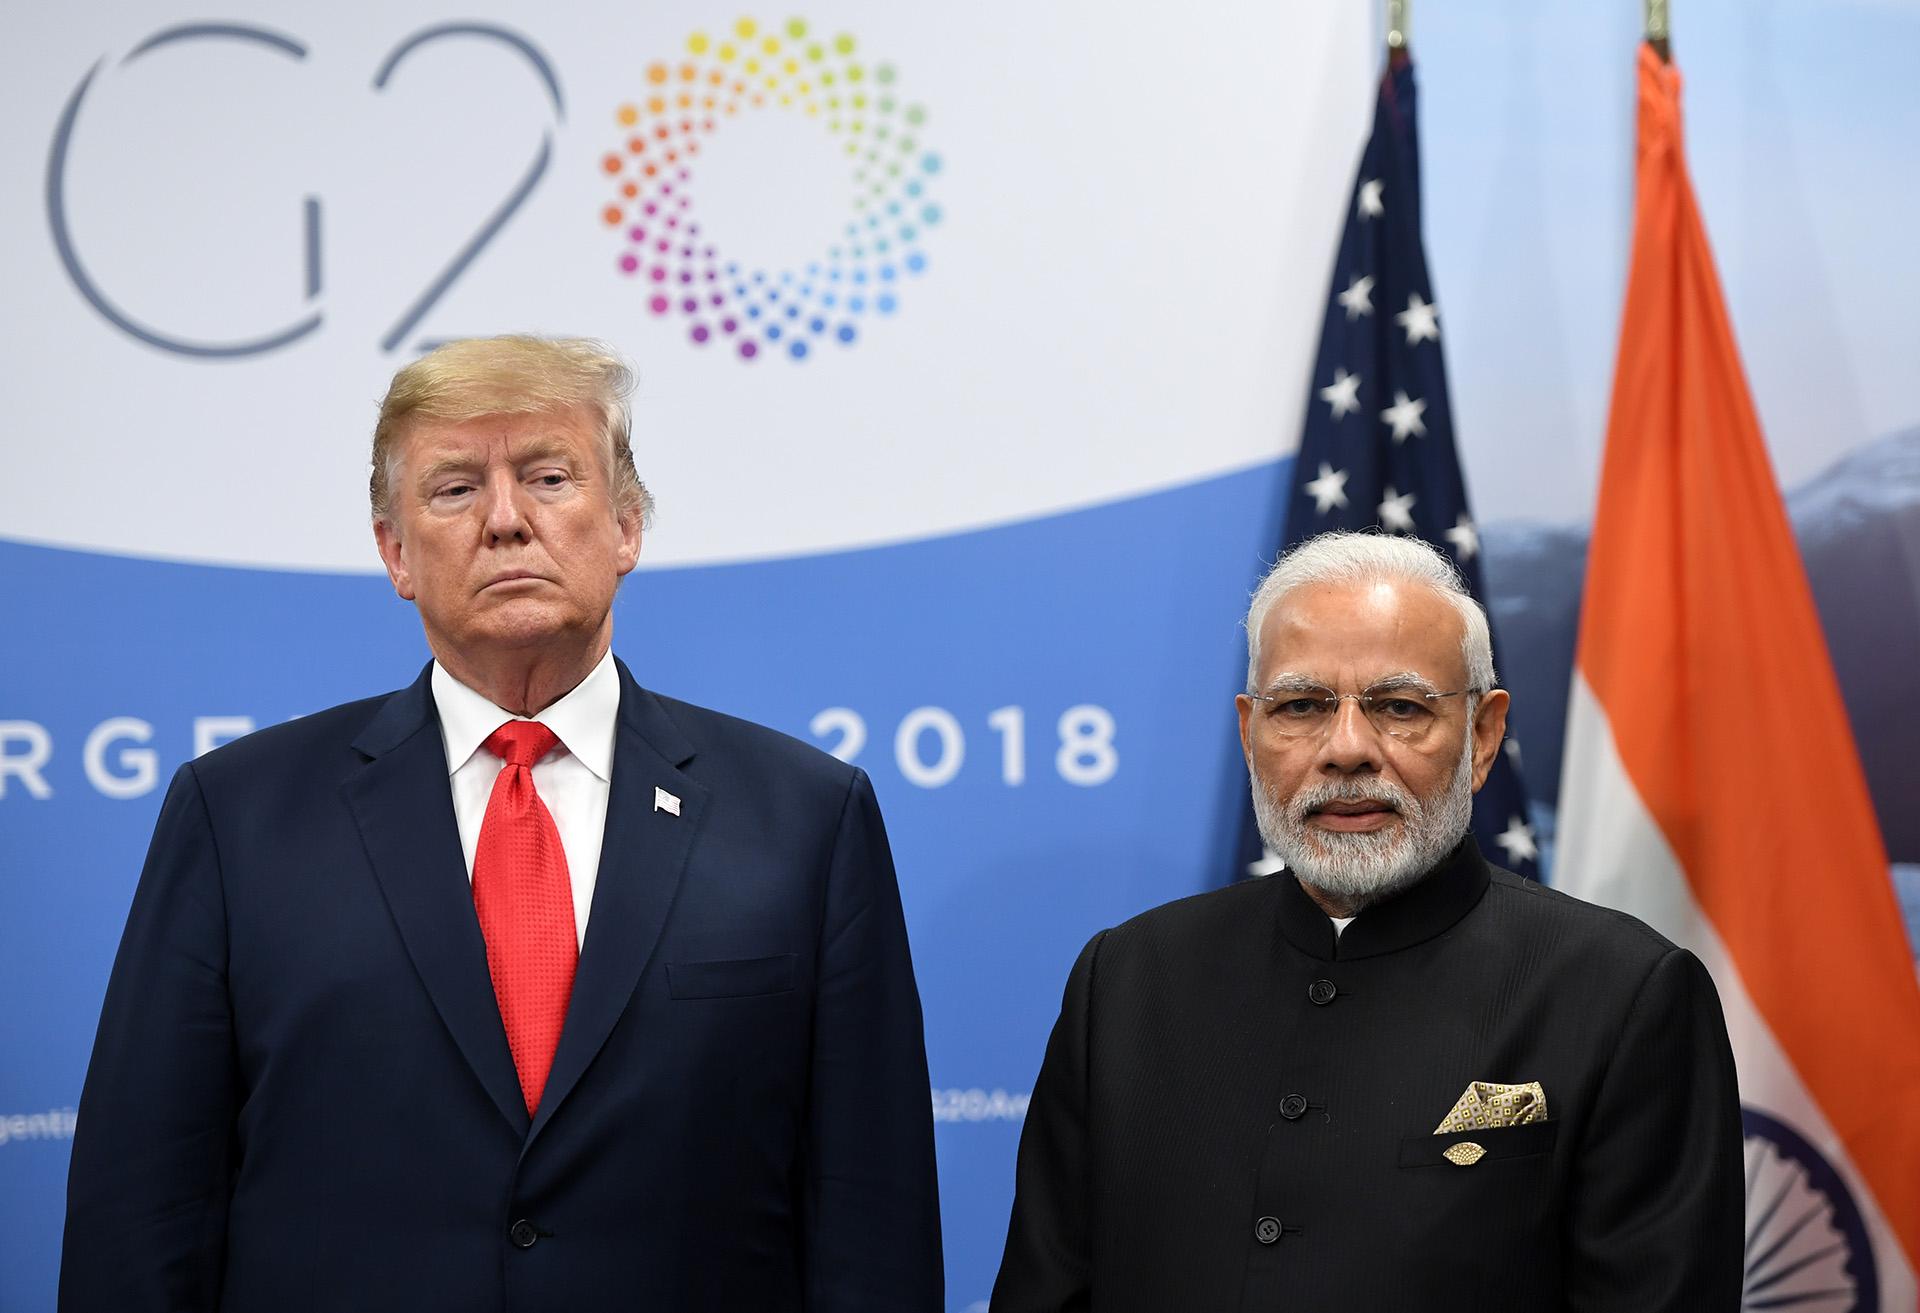 Trumpy Modi